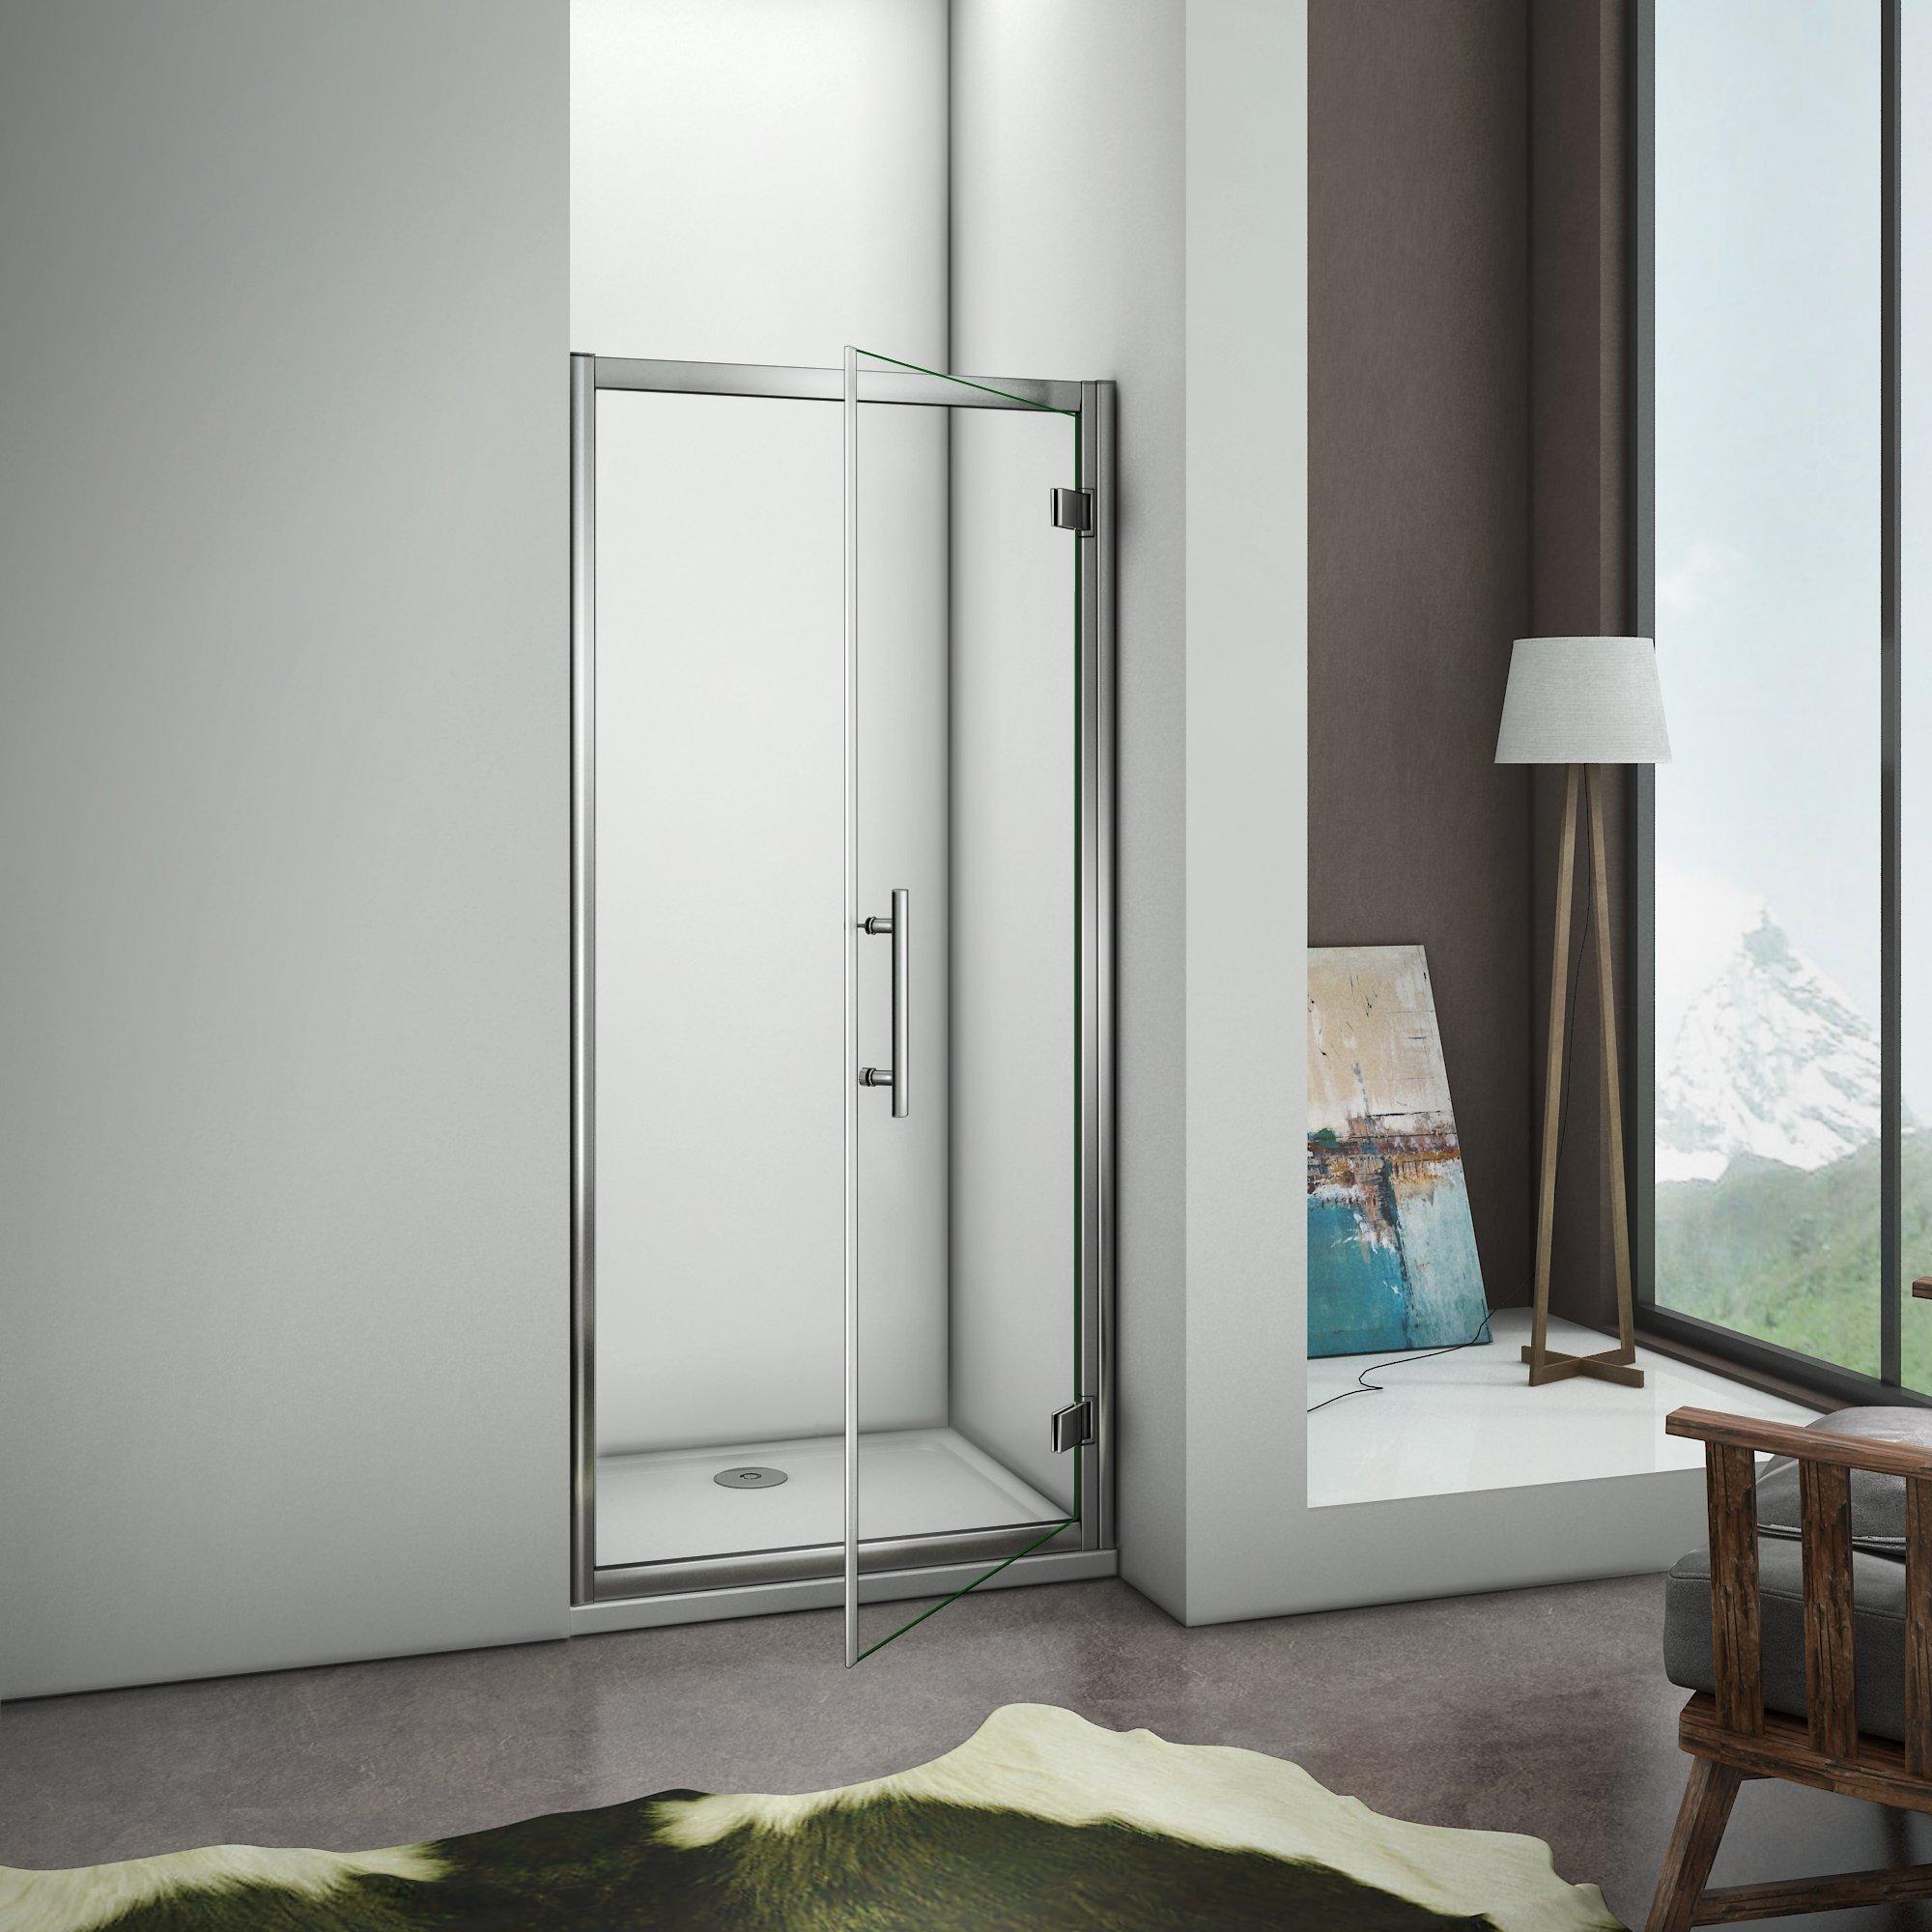 Box de ducha angular con puerta aldaba de 90 grados desmontable exterior - Cristal Templado de 6 mm, transparente: Amazon.es: Bricolaje y herramientas